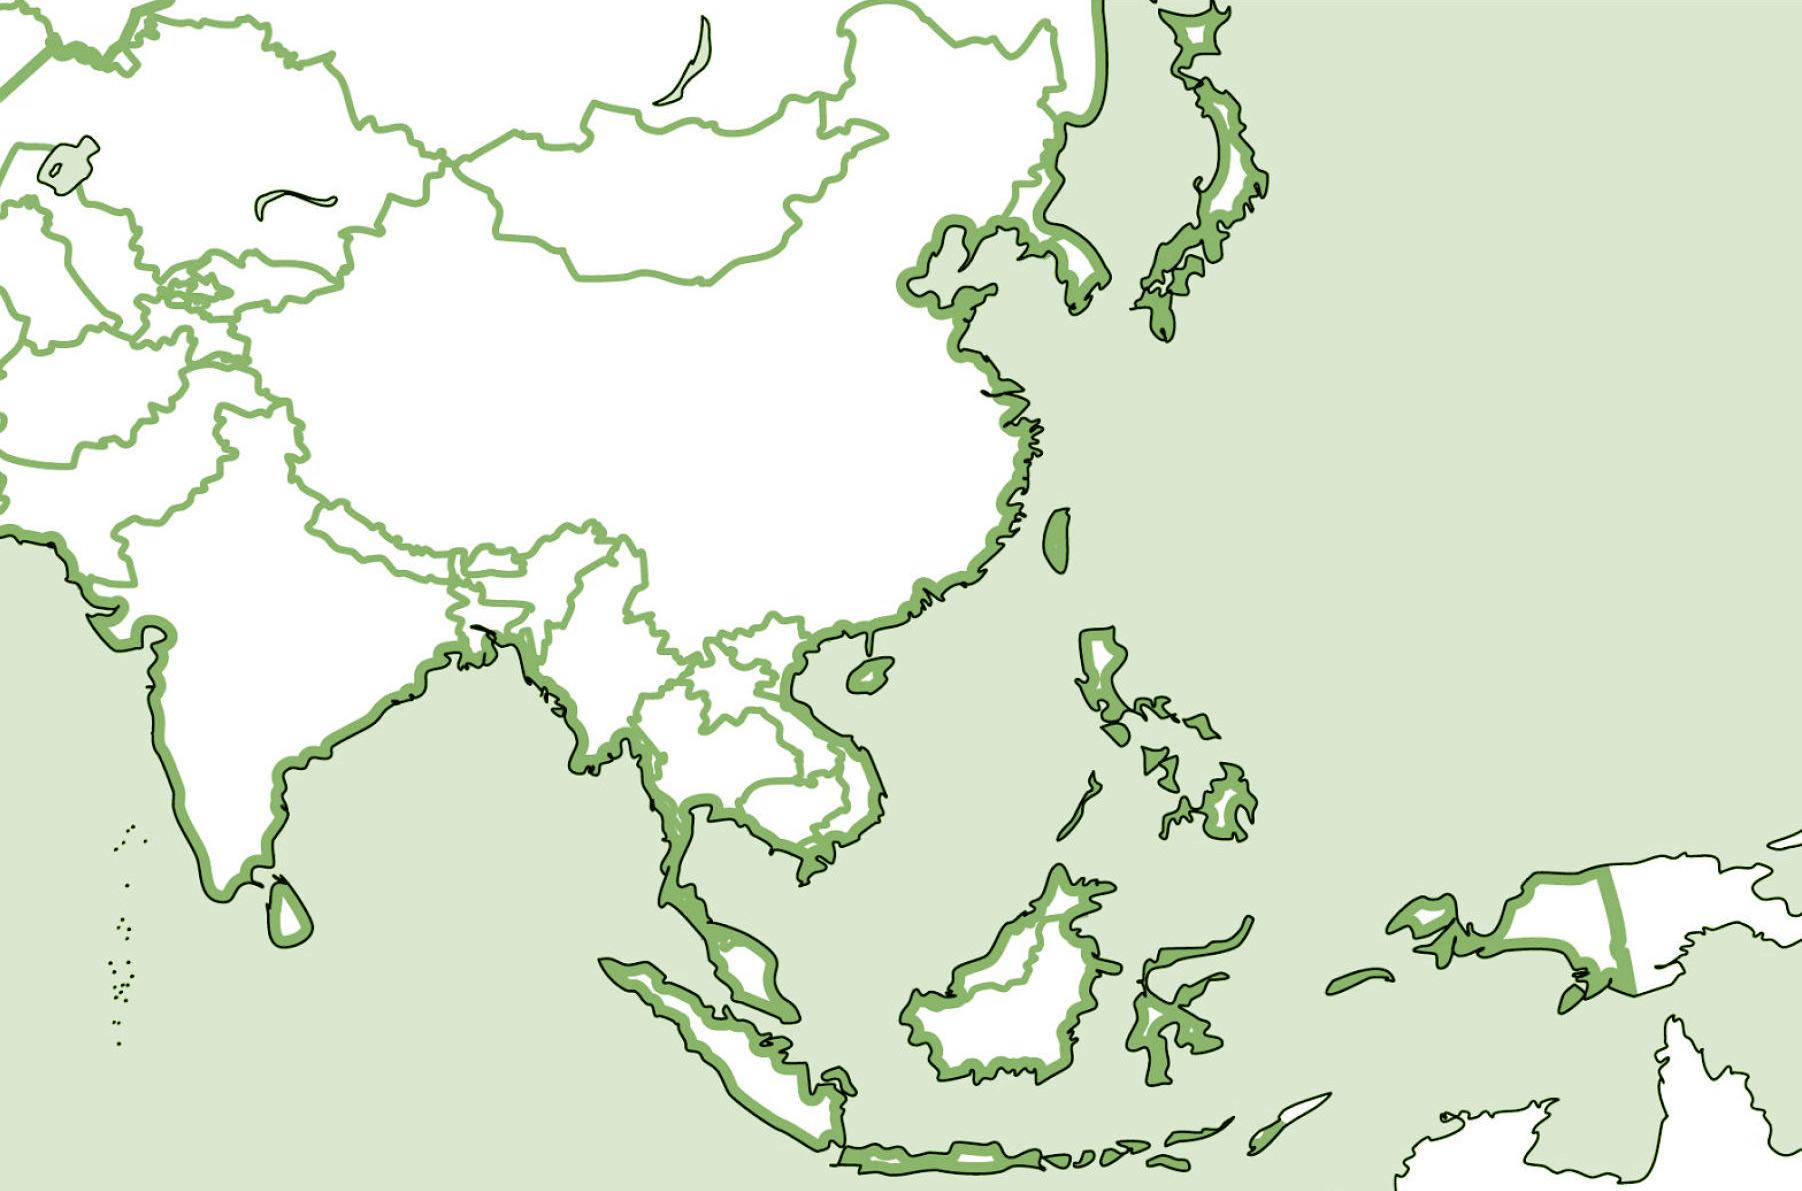 Thế kỷ 21 liệu có phải là 'Thế kỷ Châu Á'?